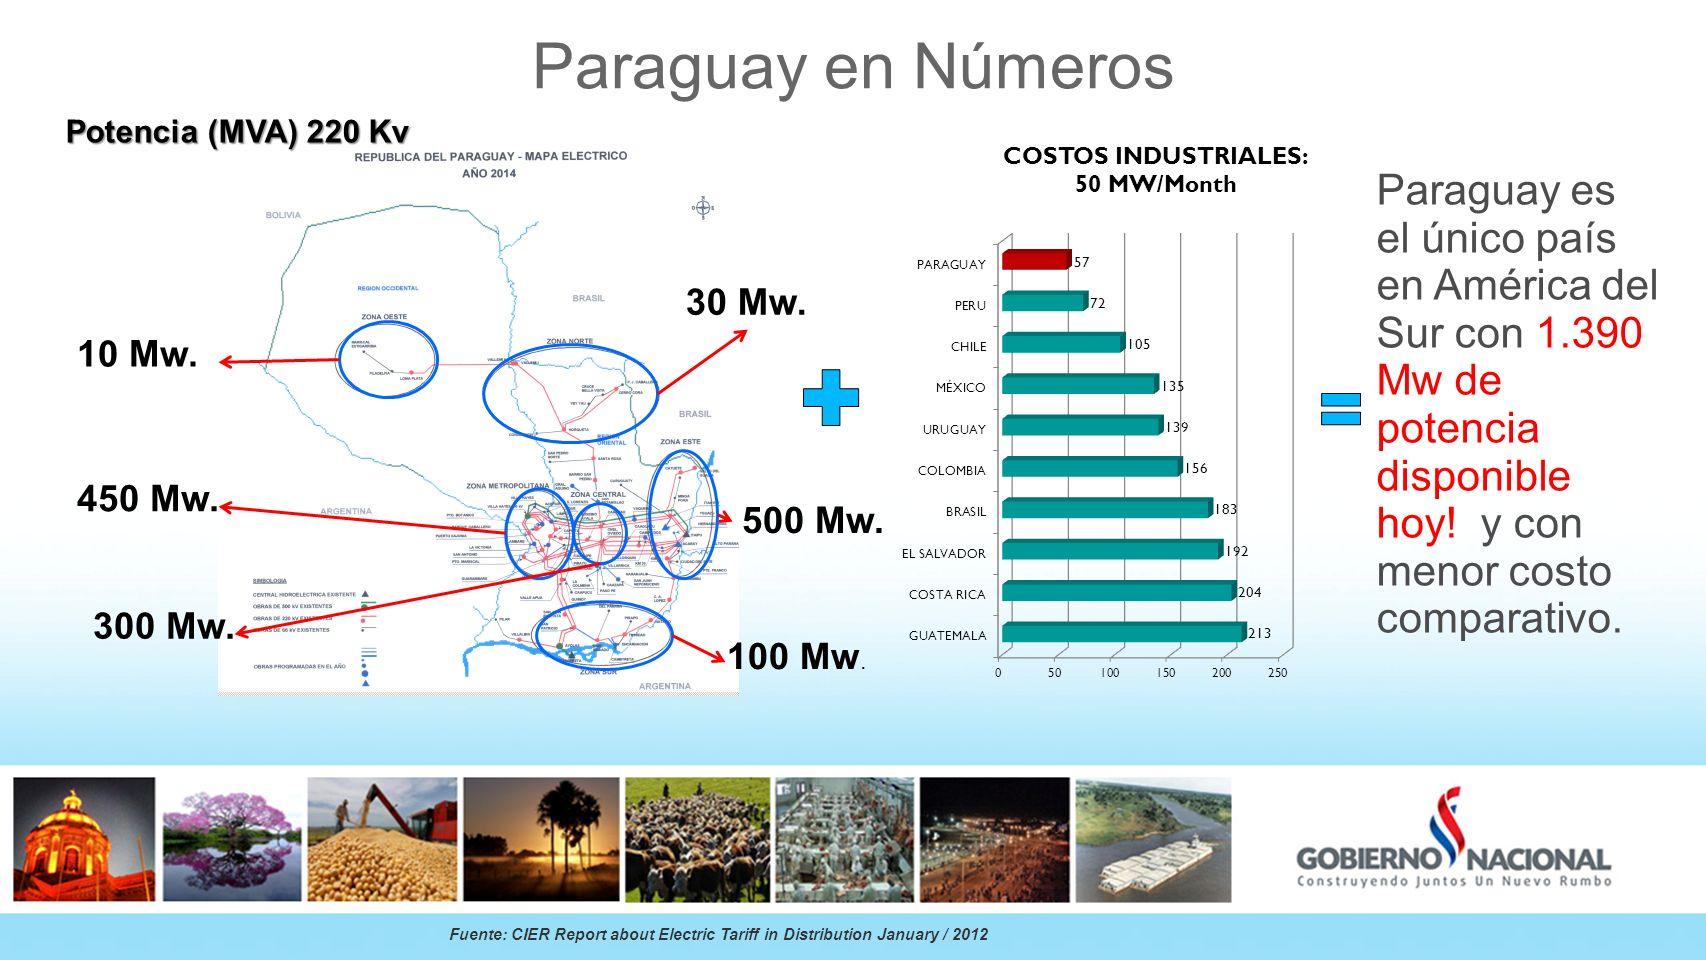 Paraguay en Números Paraguay es el único país en América del Sur con 1.390 Mw de potencia disponible hoy.